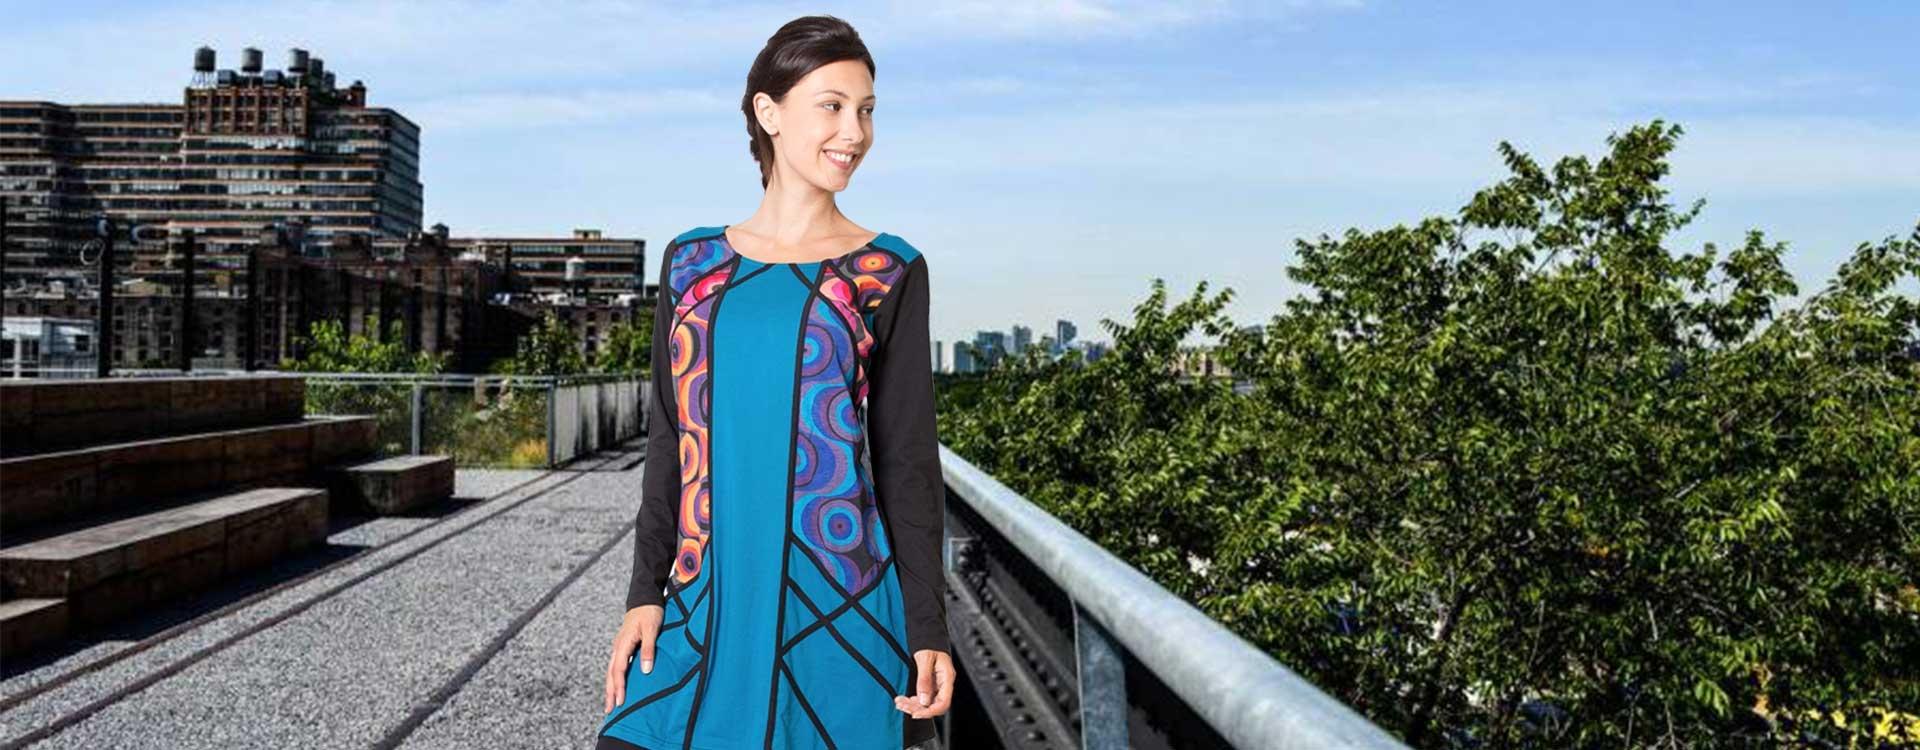 robe ethnique motifs colorés coton du monde